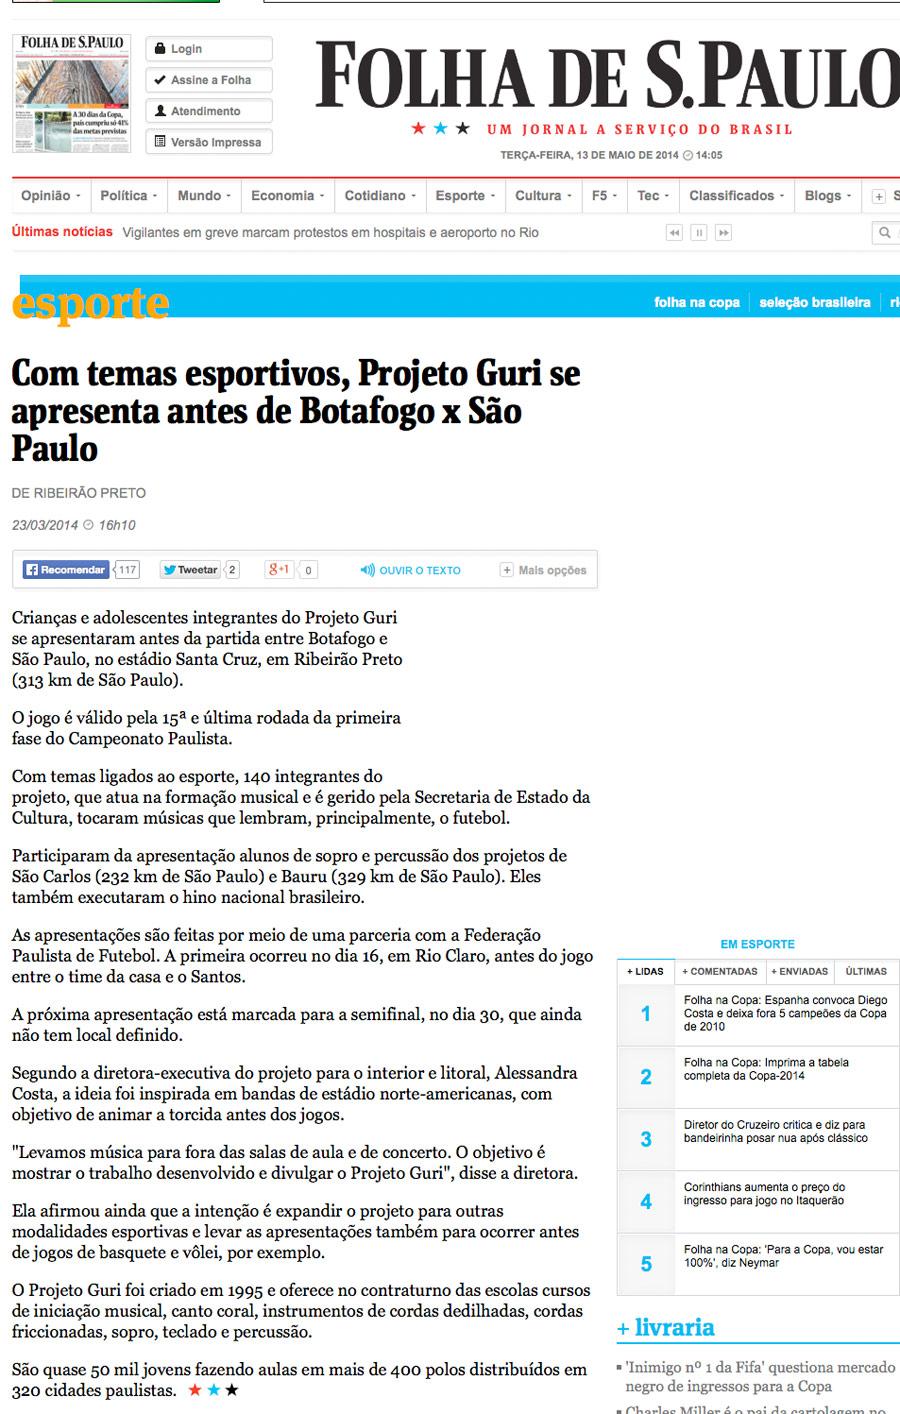 folha_com_temas_esportivos_23_03